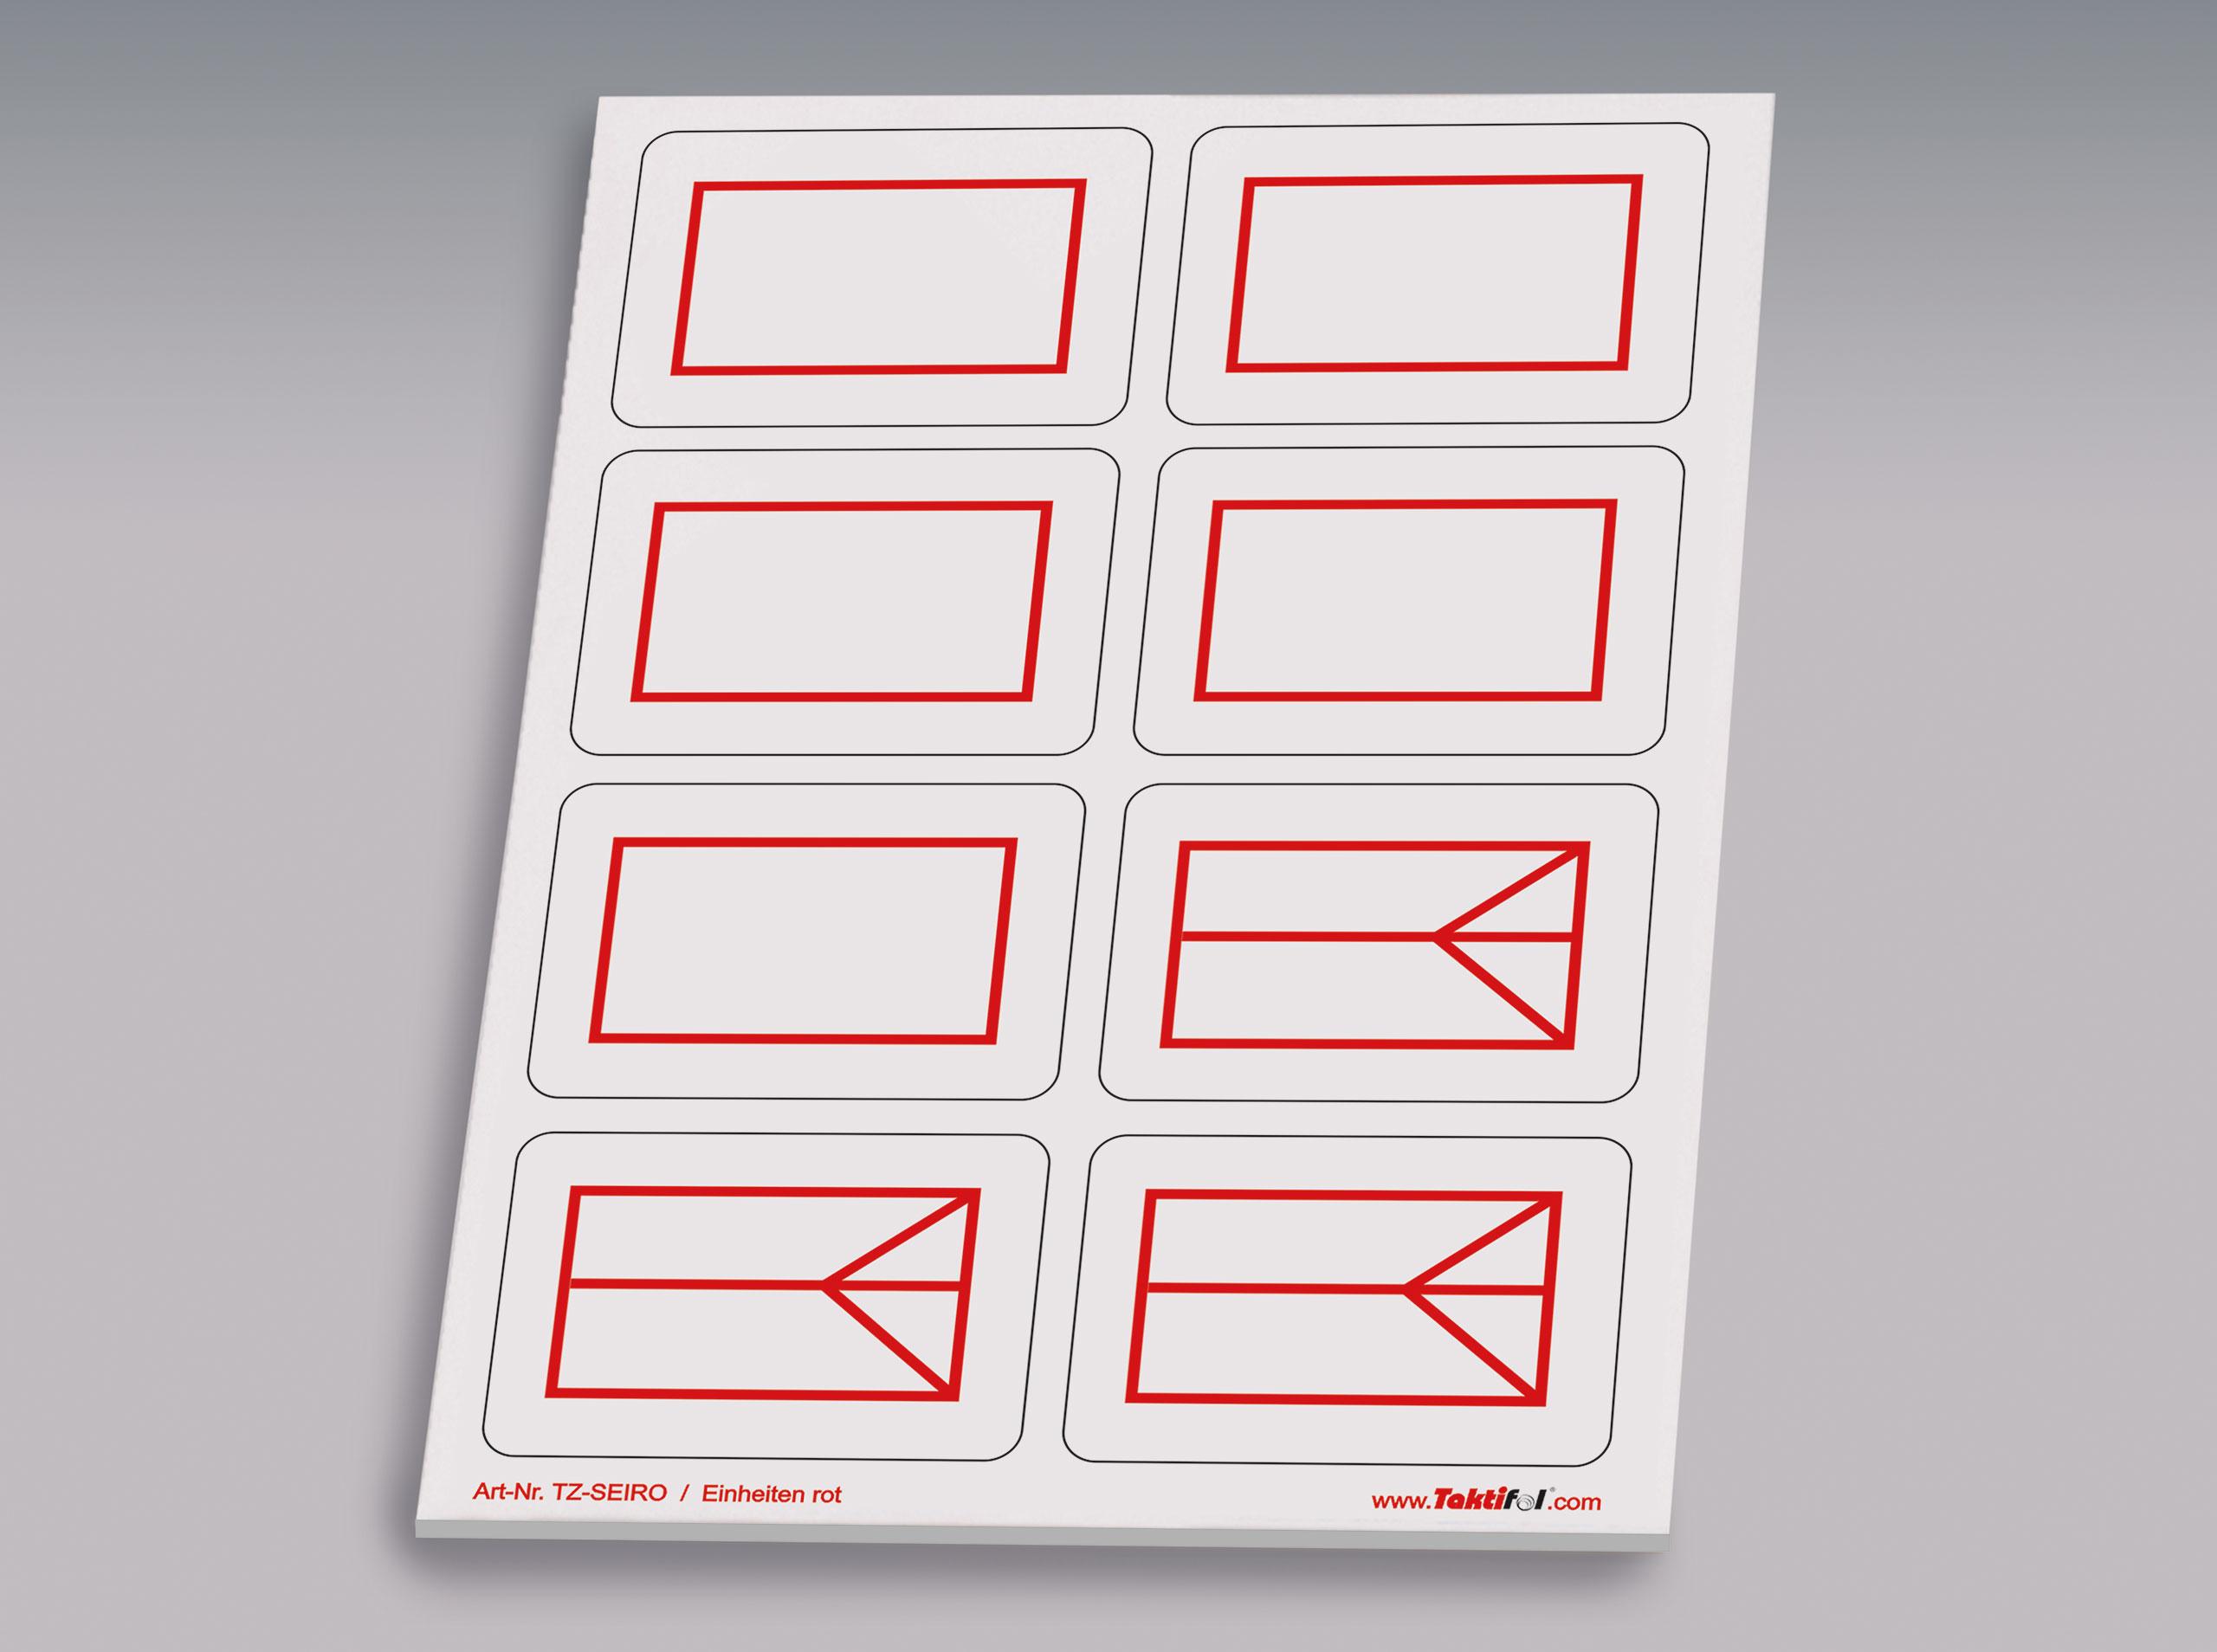 Taktische Zeichen Einheiten rot